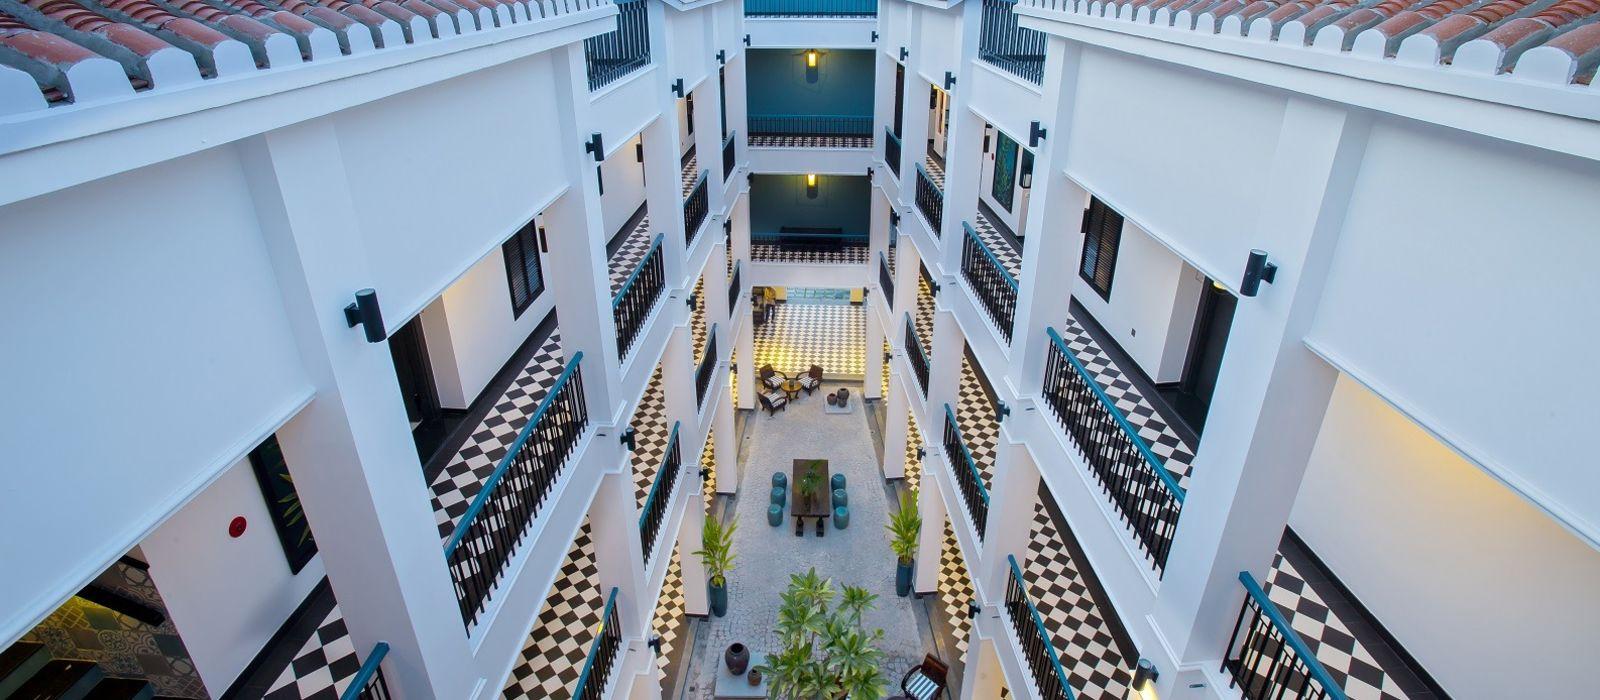 Hotel Maison Vy, Hoi An Vietnam